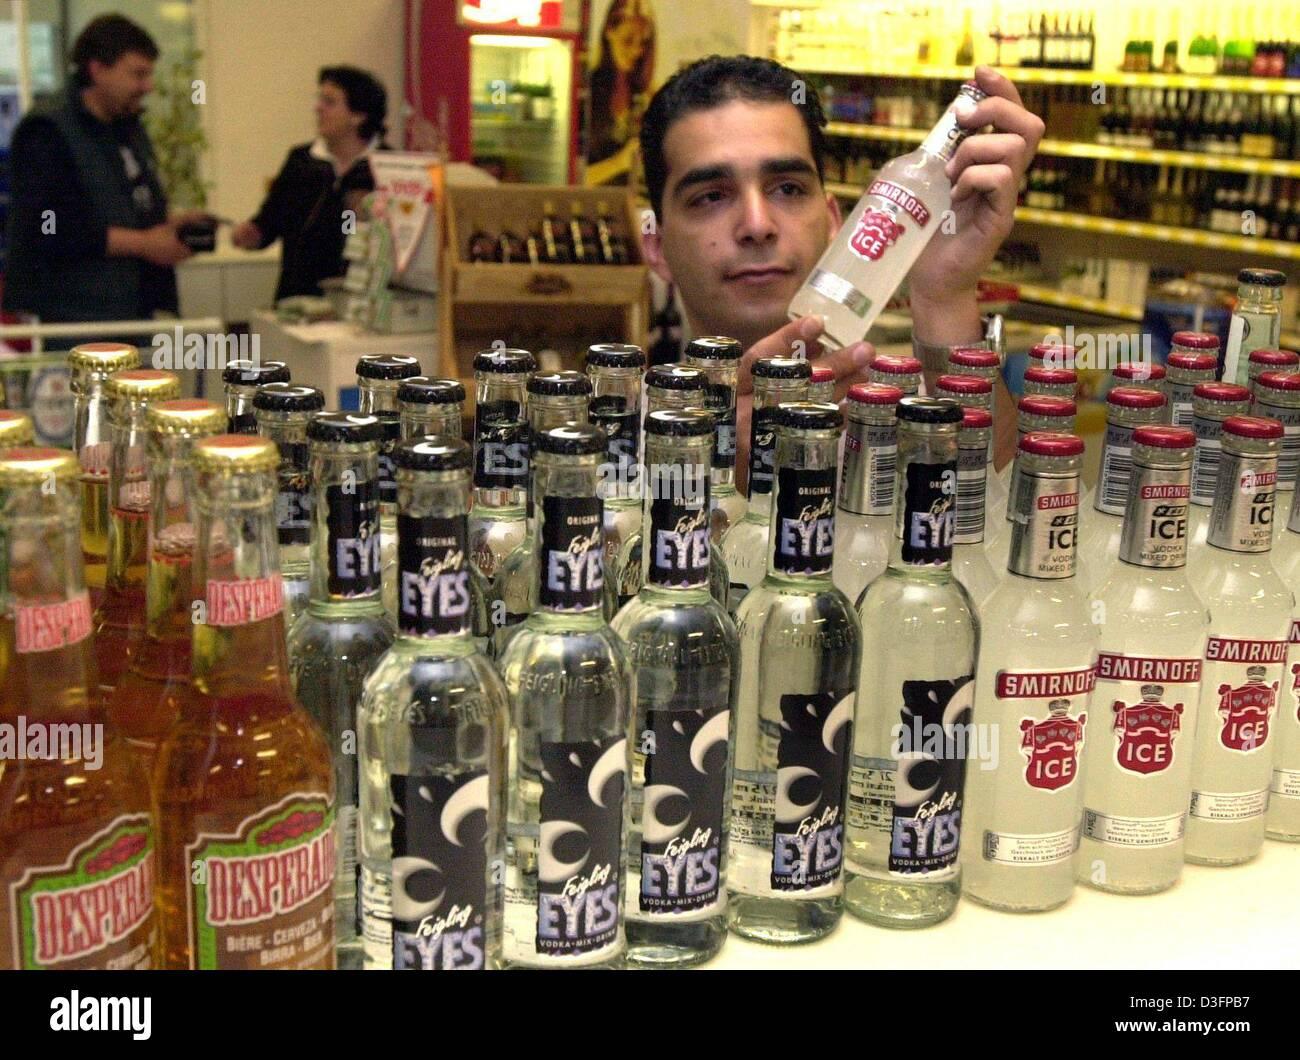 Dpa Ein Mitarbeiter Stellt Eine Flasche Die Alkoholische Mischung Trinken Smirnoff Ice In Einem Supermarkt In Stuttgart Deutschland 13 Mai 2003 In Deutschland Ist Die Wodka Mischung Aus Smirnoff Eines Der Beliebtesten